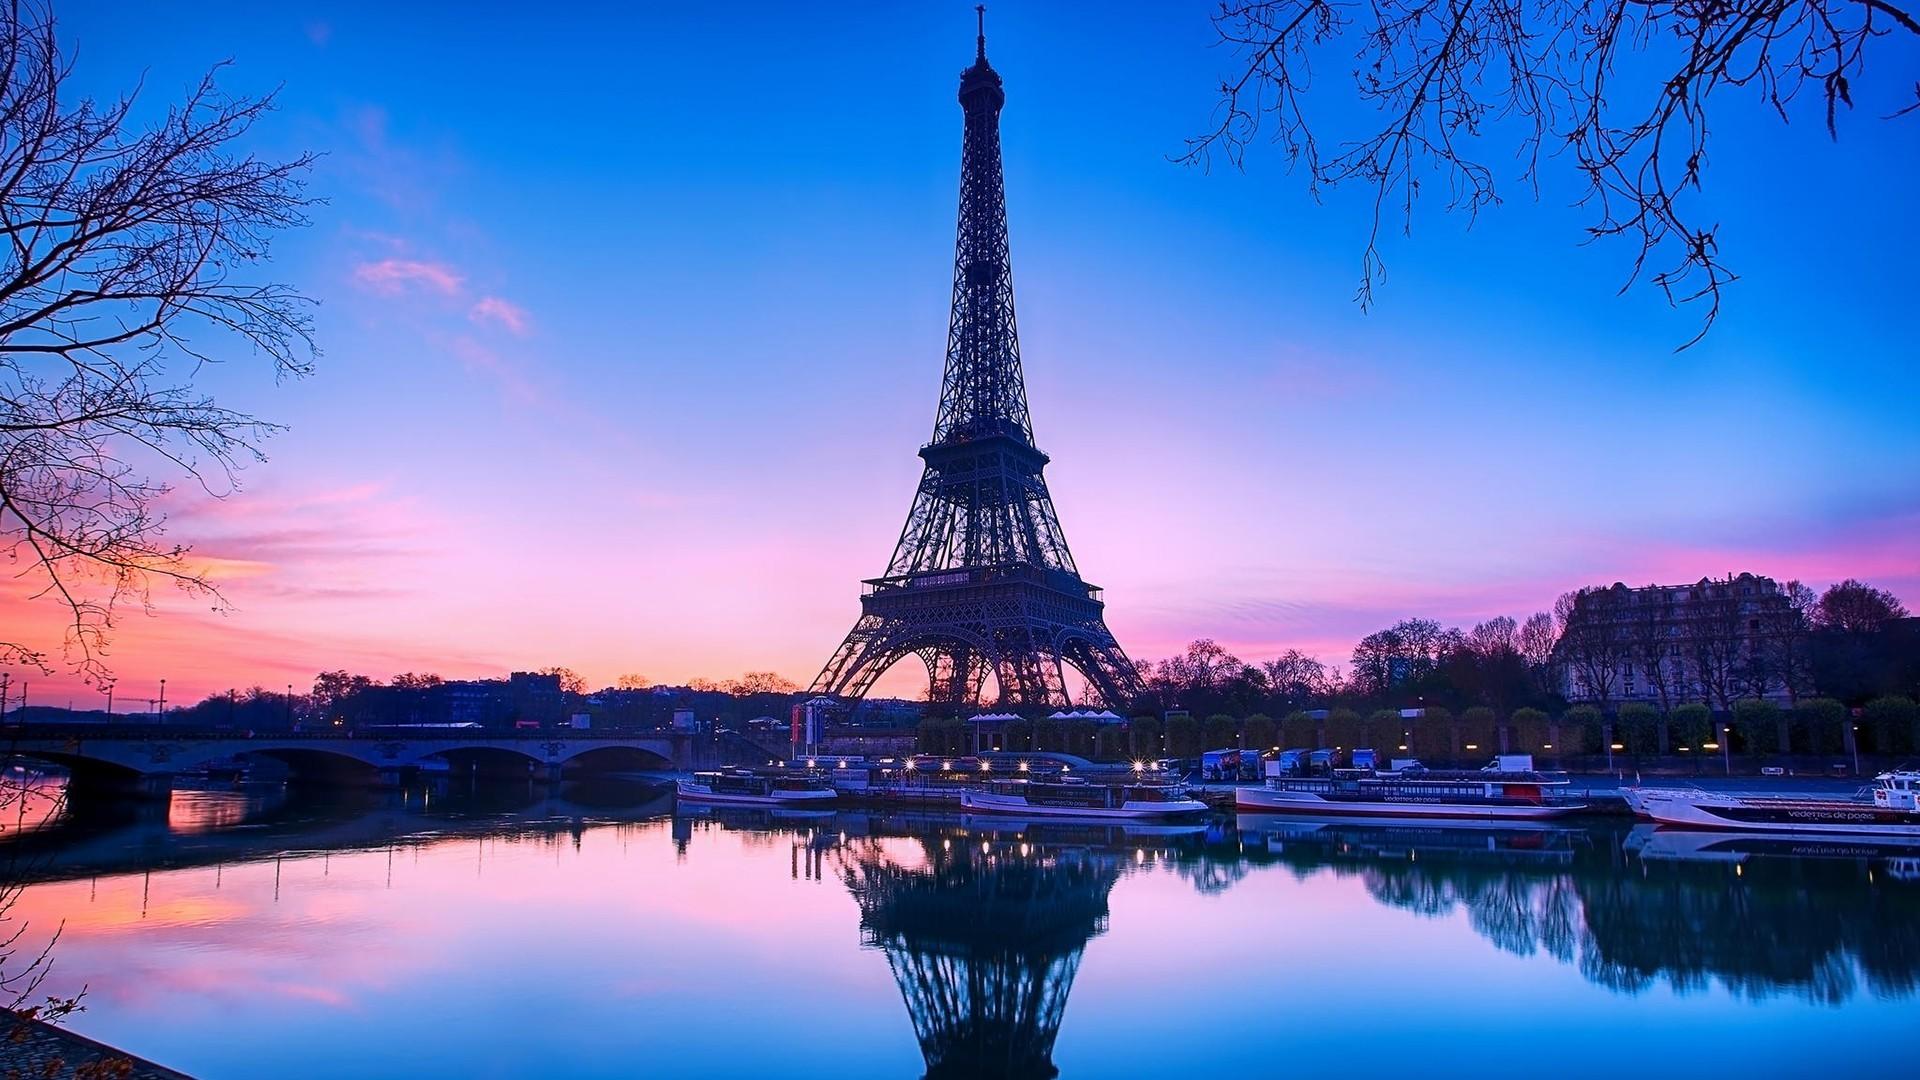 Эйфелева башня - очень красивые и удивительные картинки 1